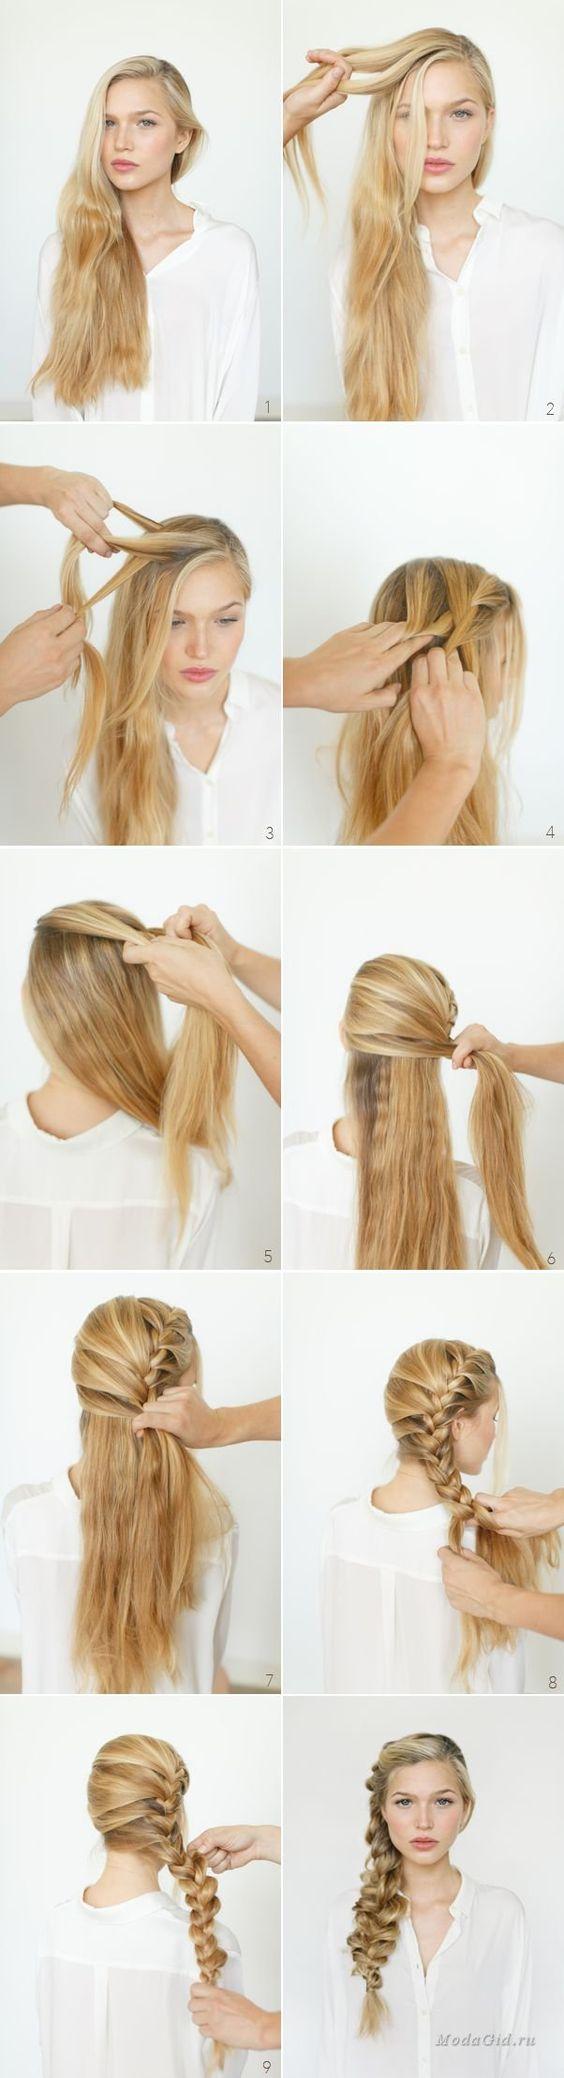 Модные причёски уроки видео